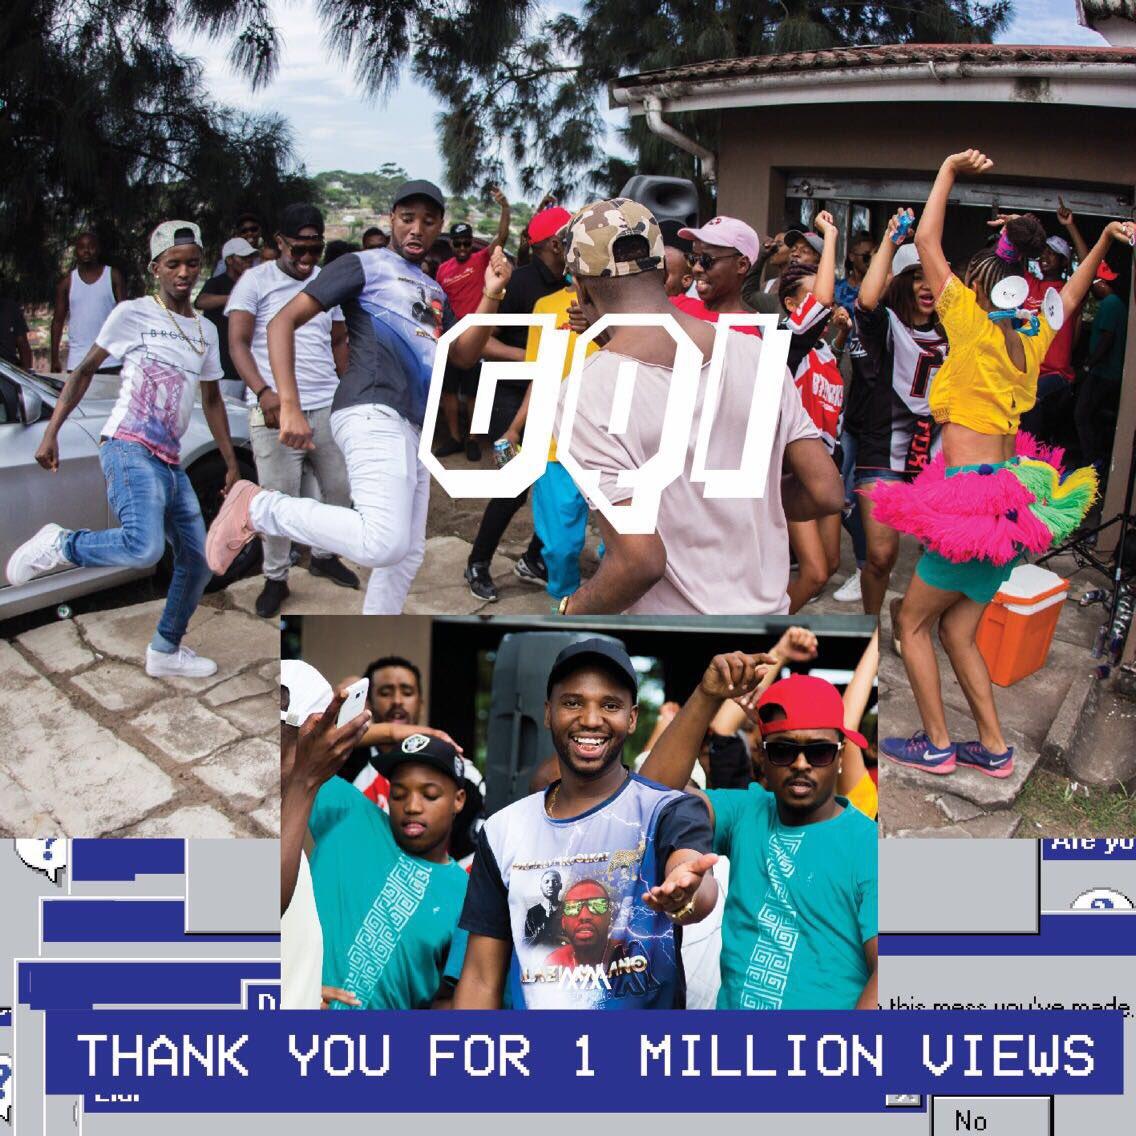 Okmalumkoolkat's GQI Reaches A Million Views